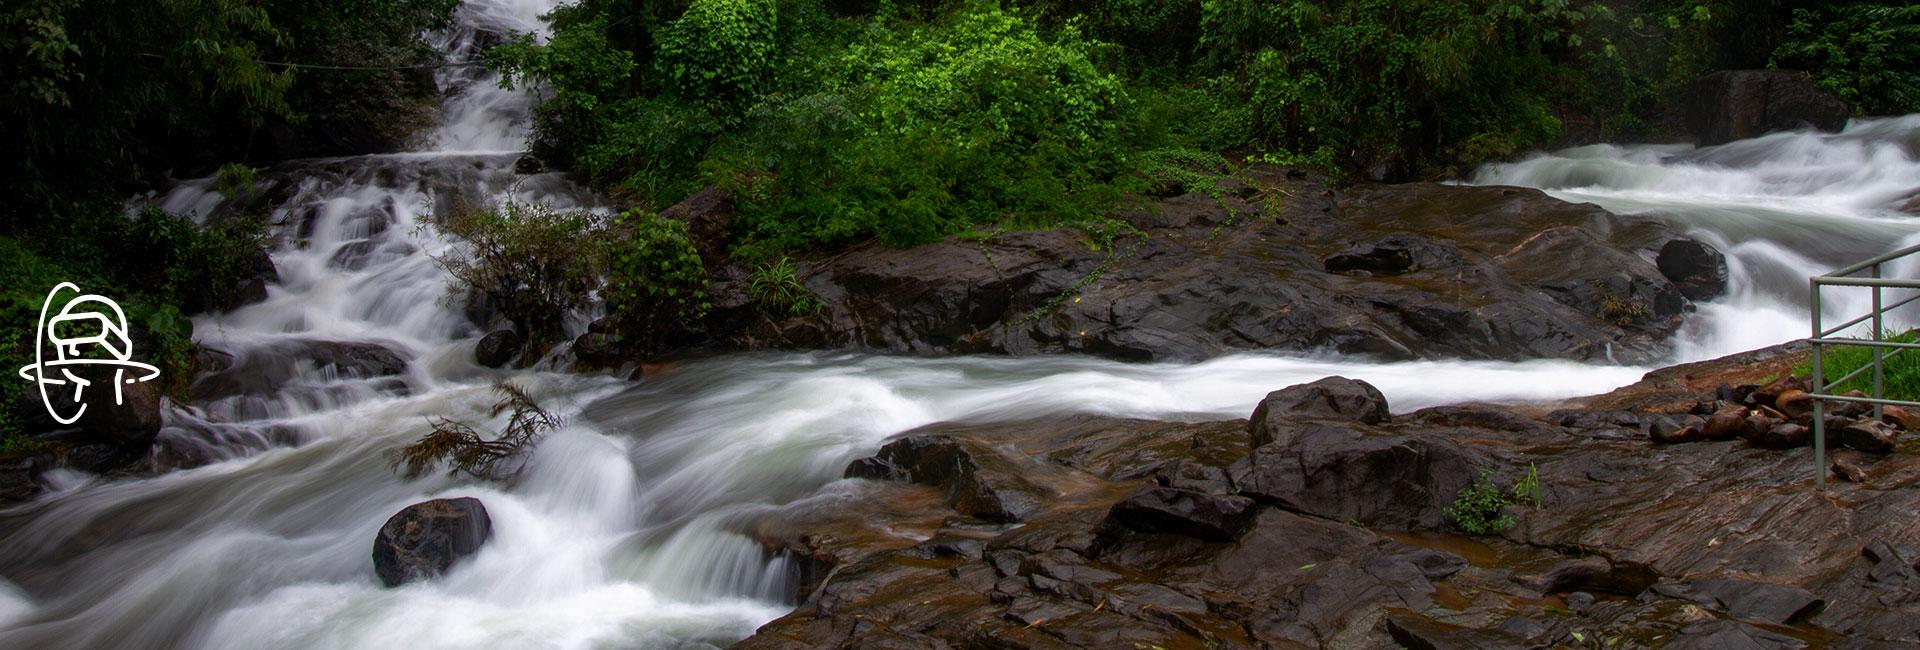 Virtual Kerala Experience